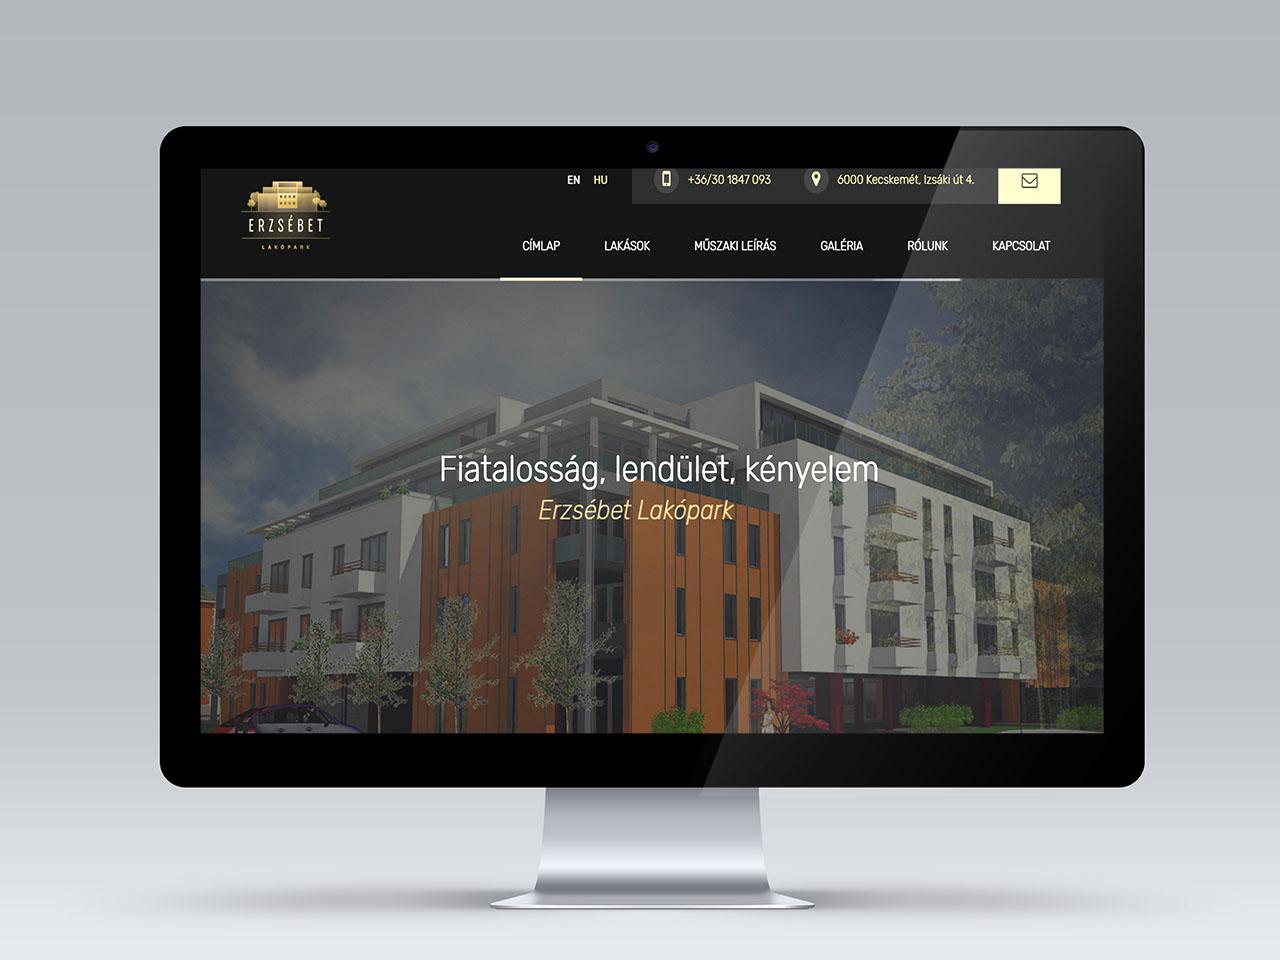 Erzsébet Lakópark weblap készítés